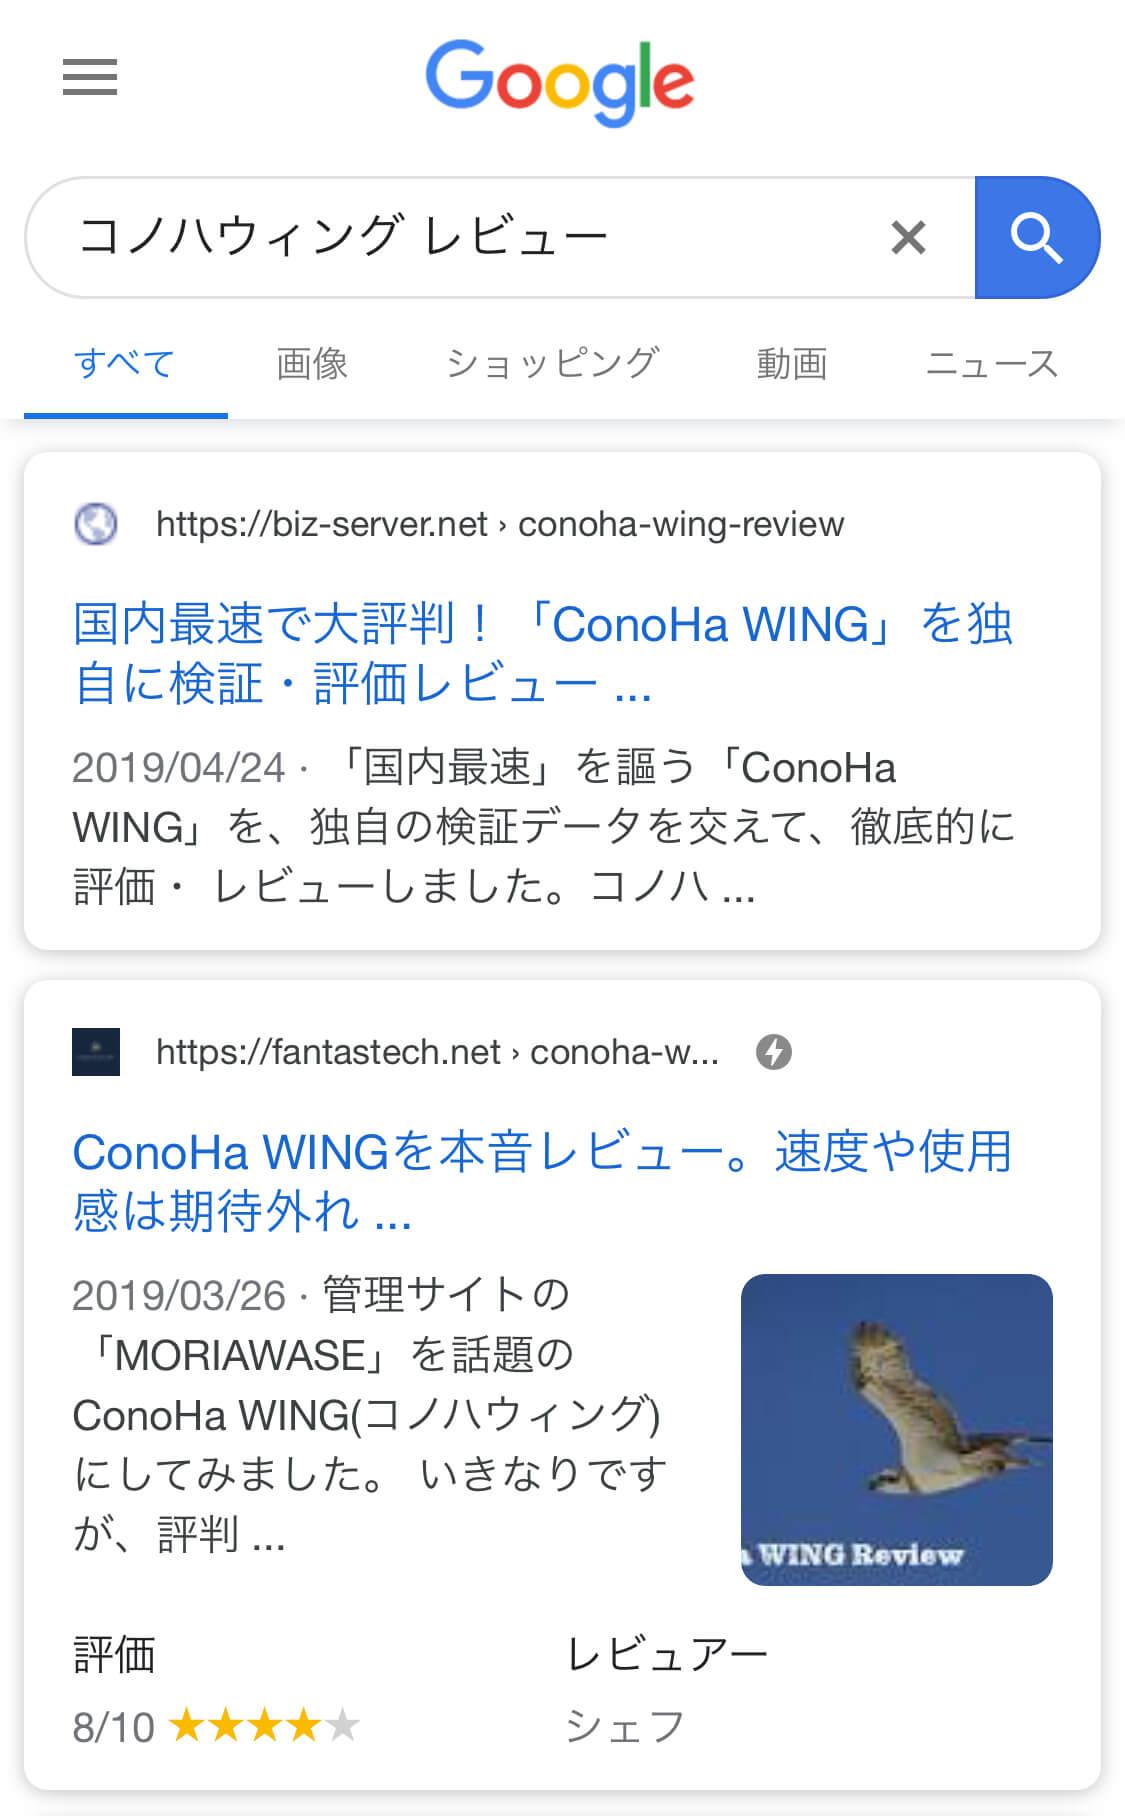 レビュー記事のモバイル画面の検索結果